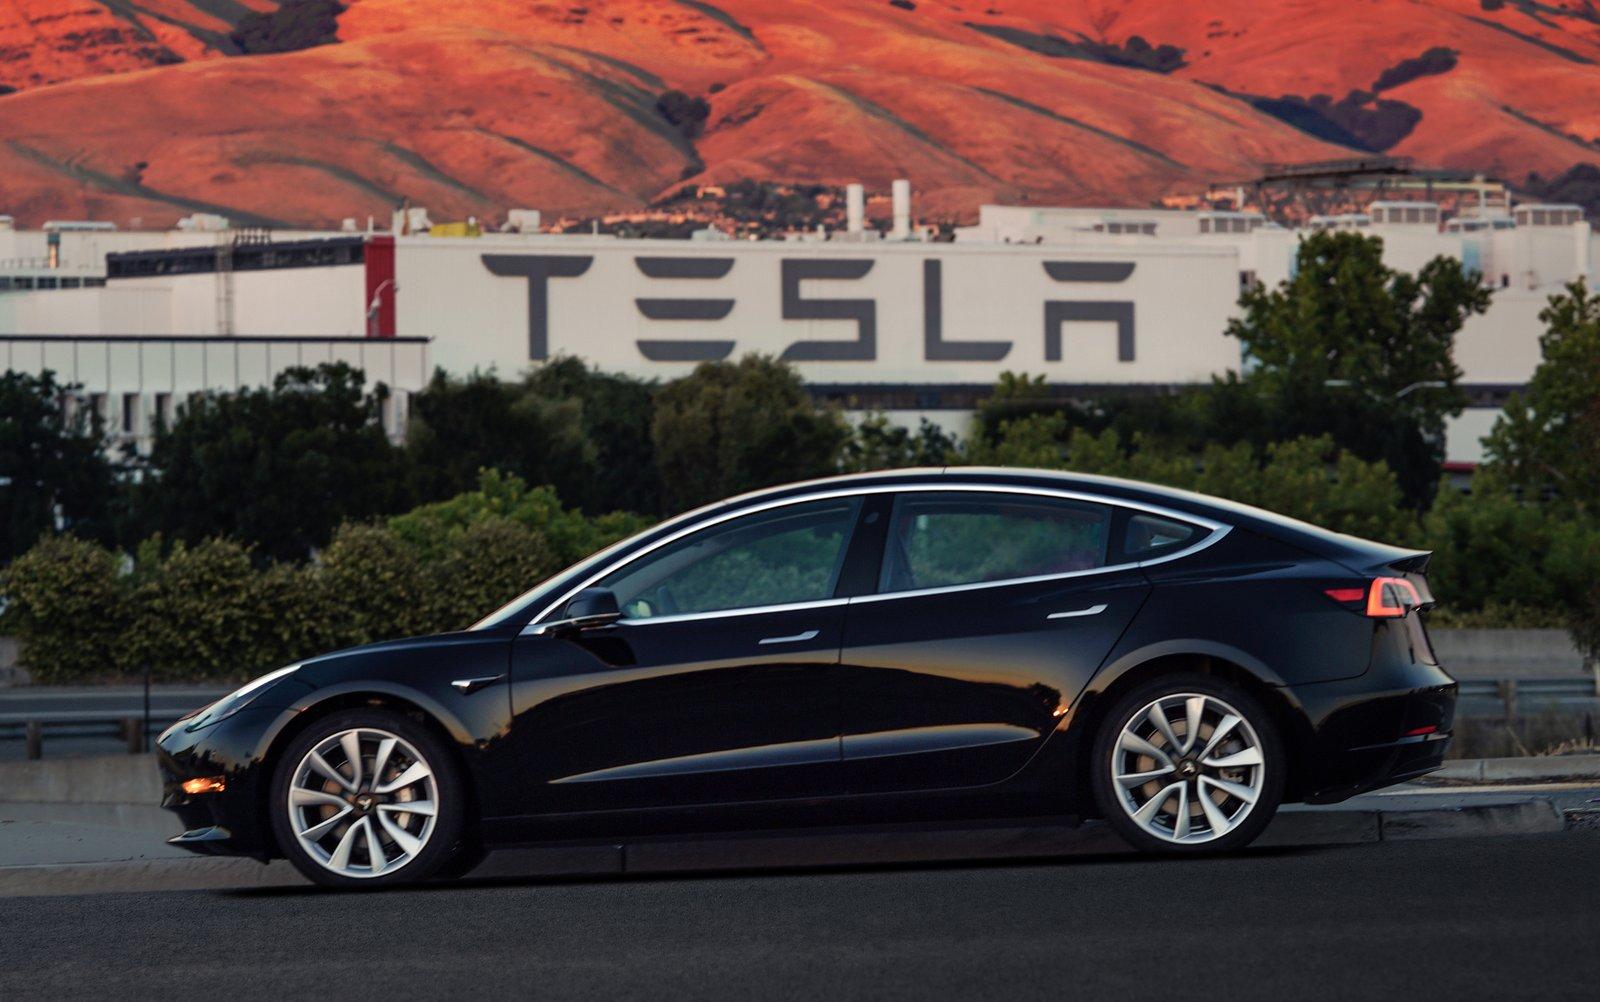 Tesla Bitcoini taklit ediyor